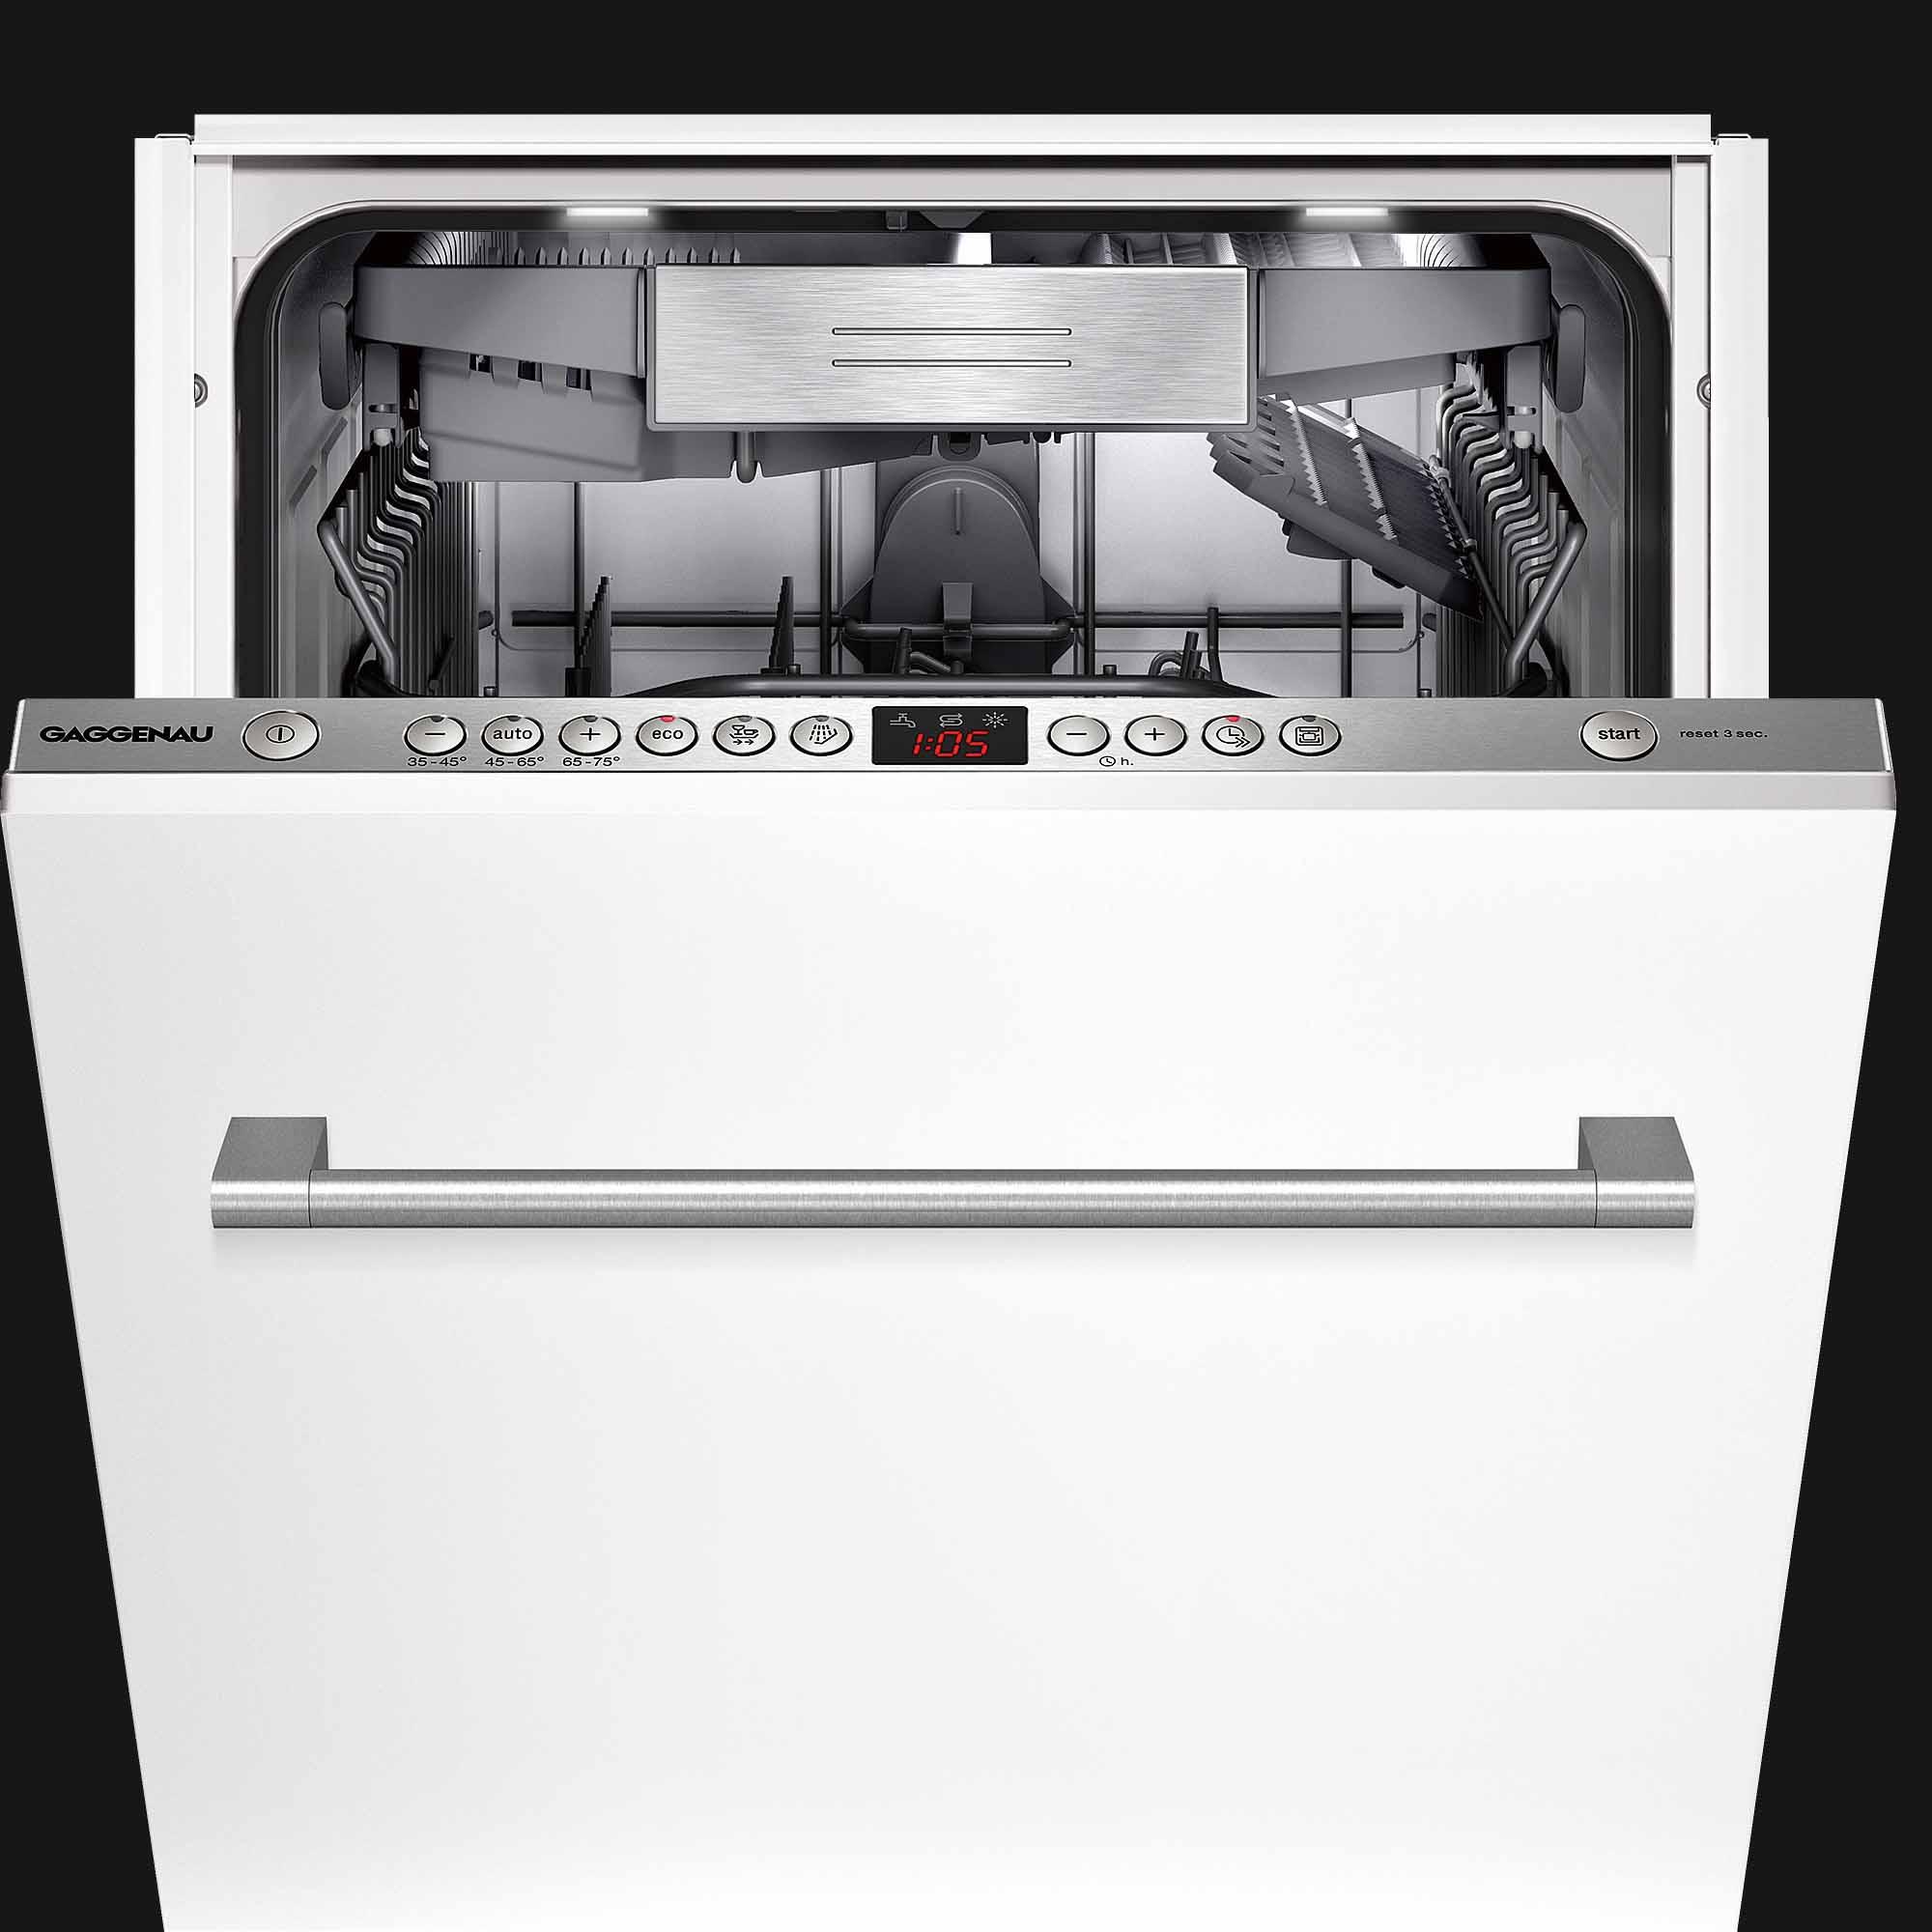 Посудомийна машина GAGGENAU DF250141